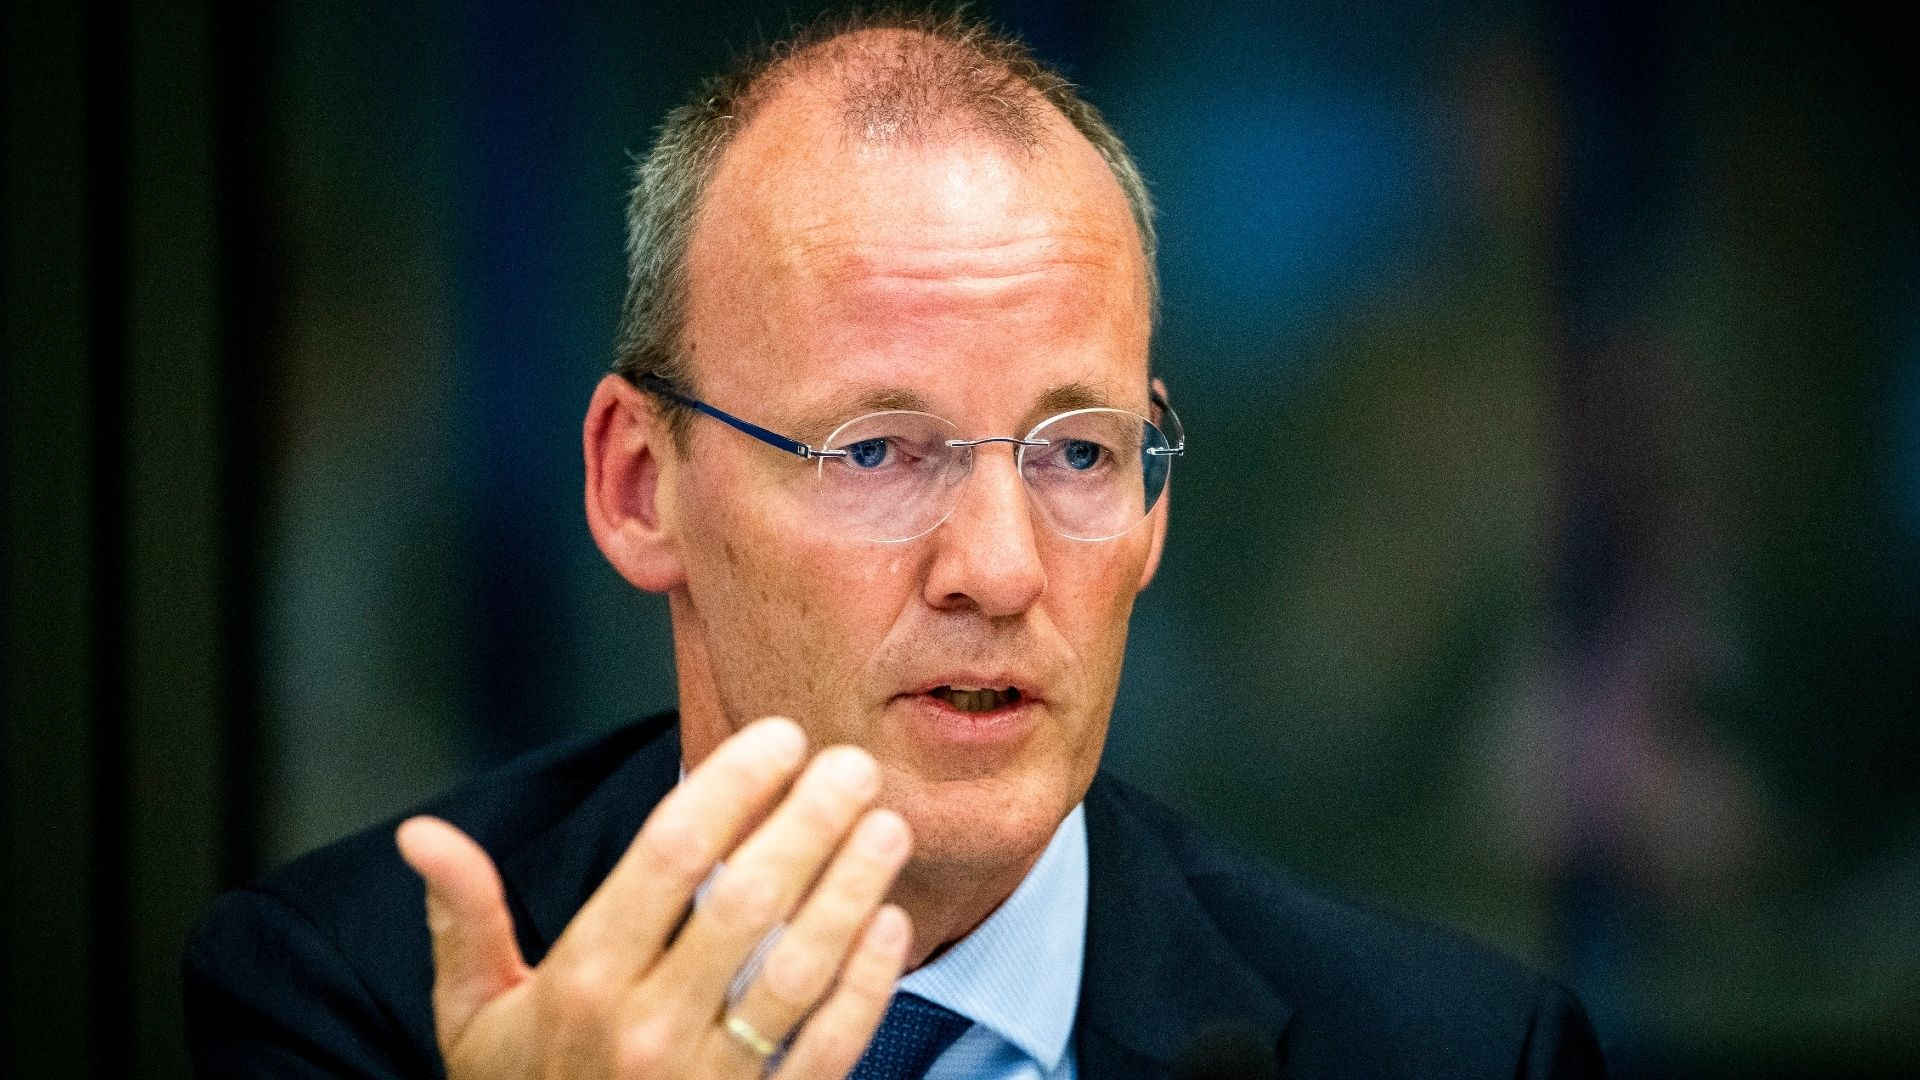 Klaas knot nederlandsche bank crisis